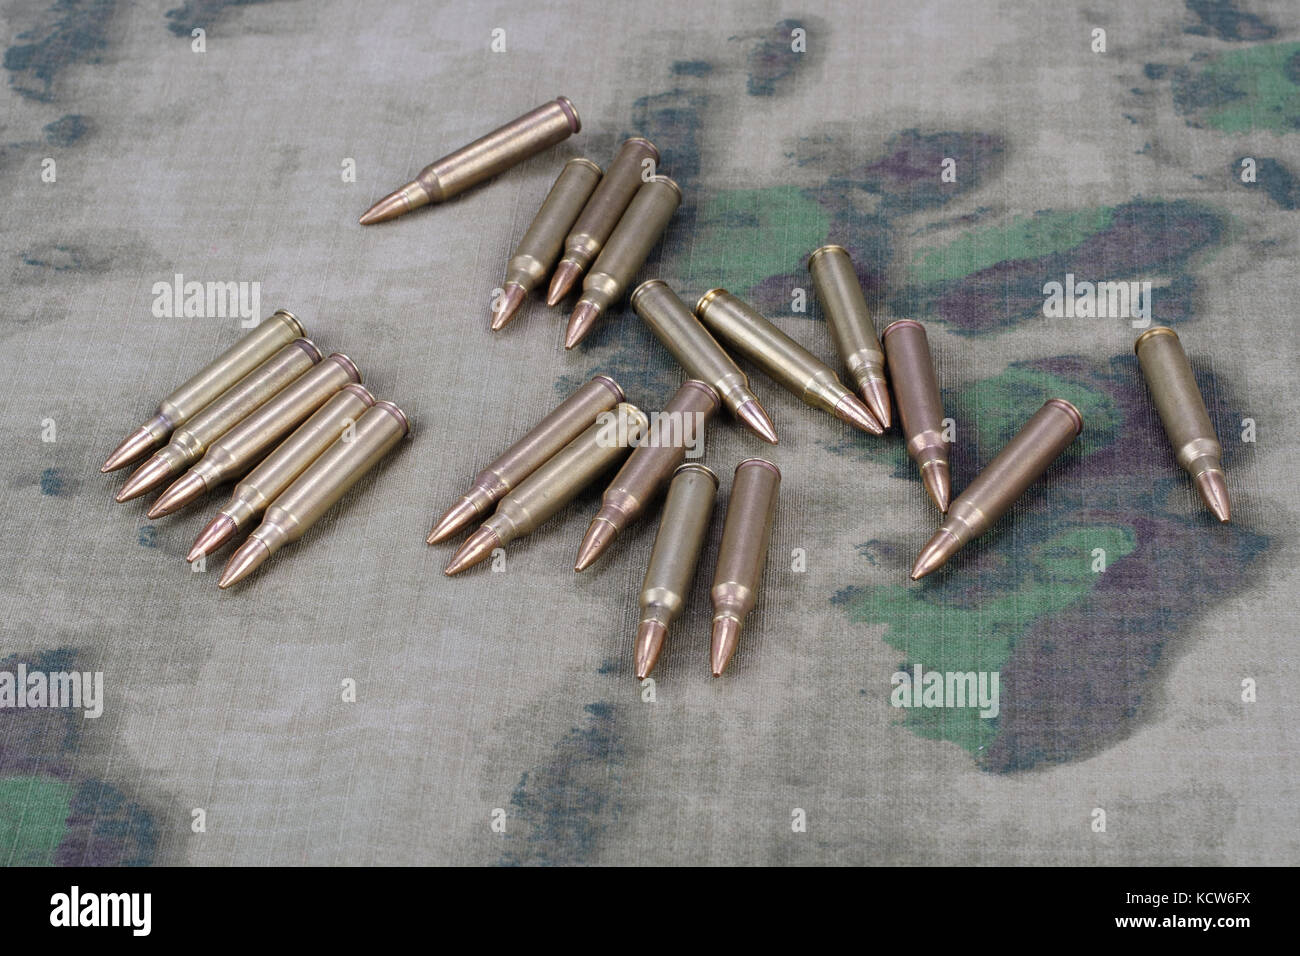 Ammunition on camoflage background Stock Photo